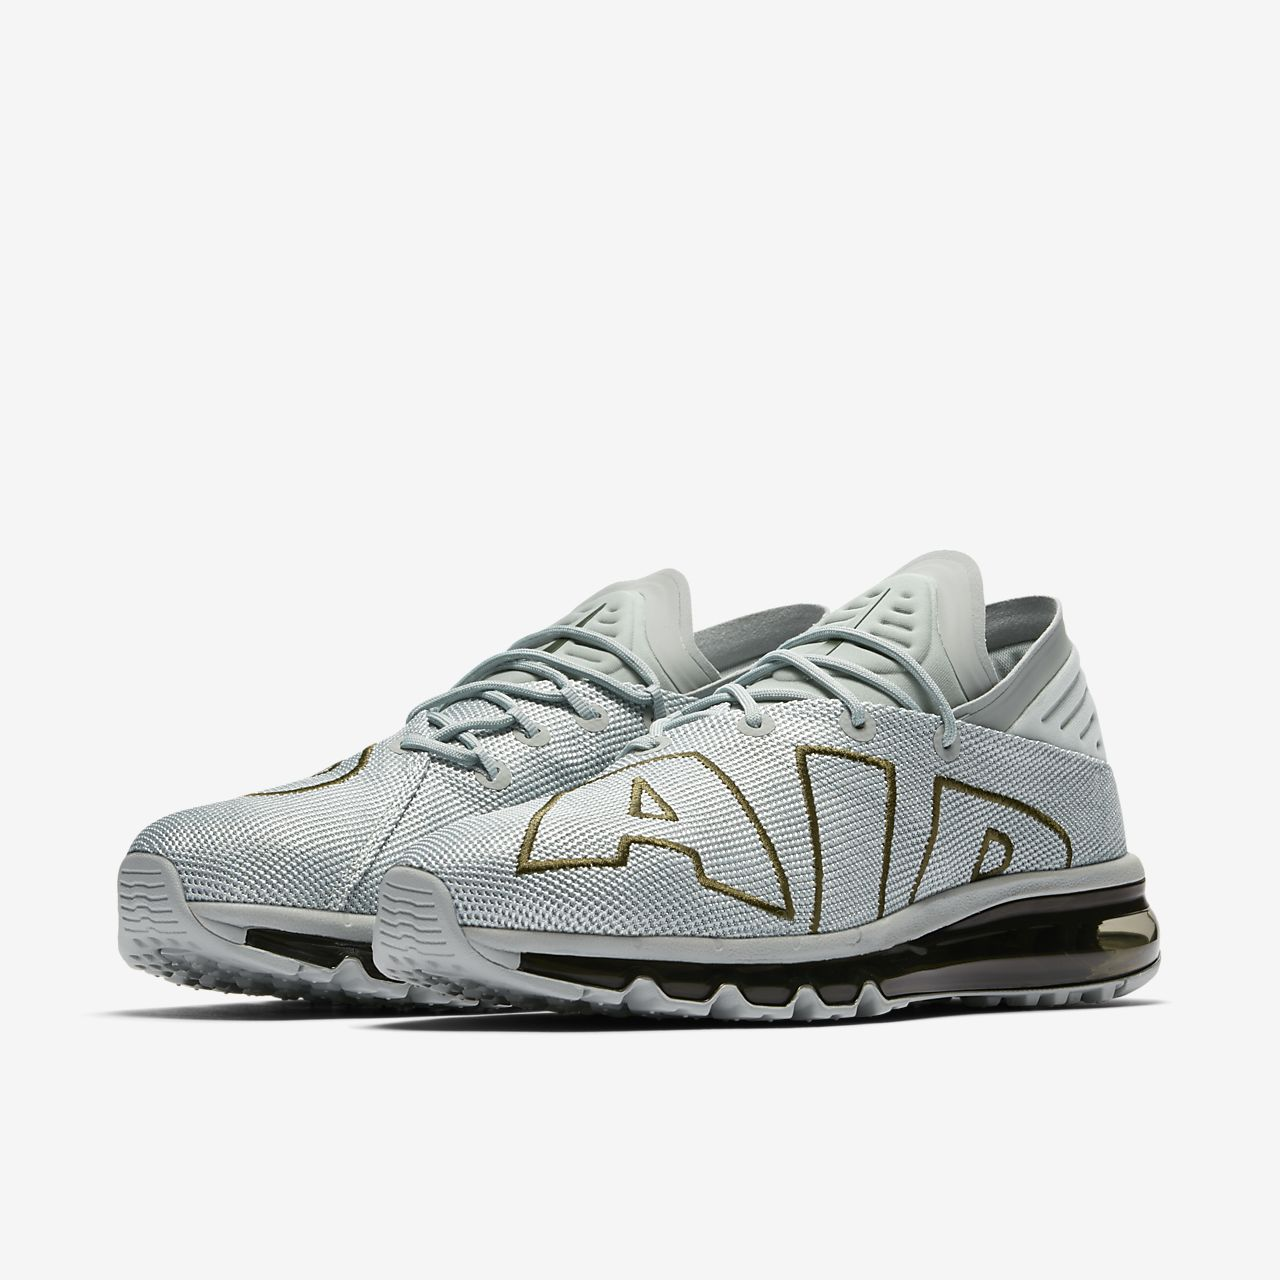 ... Chaussure Nike Air Max Flair pour Homme